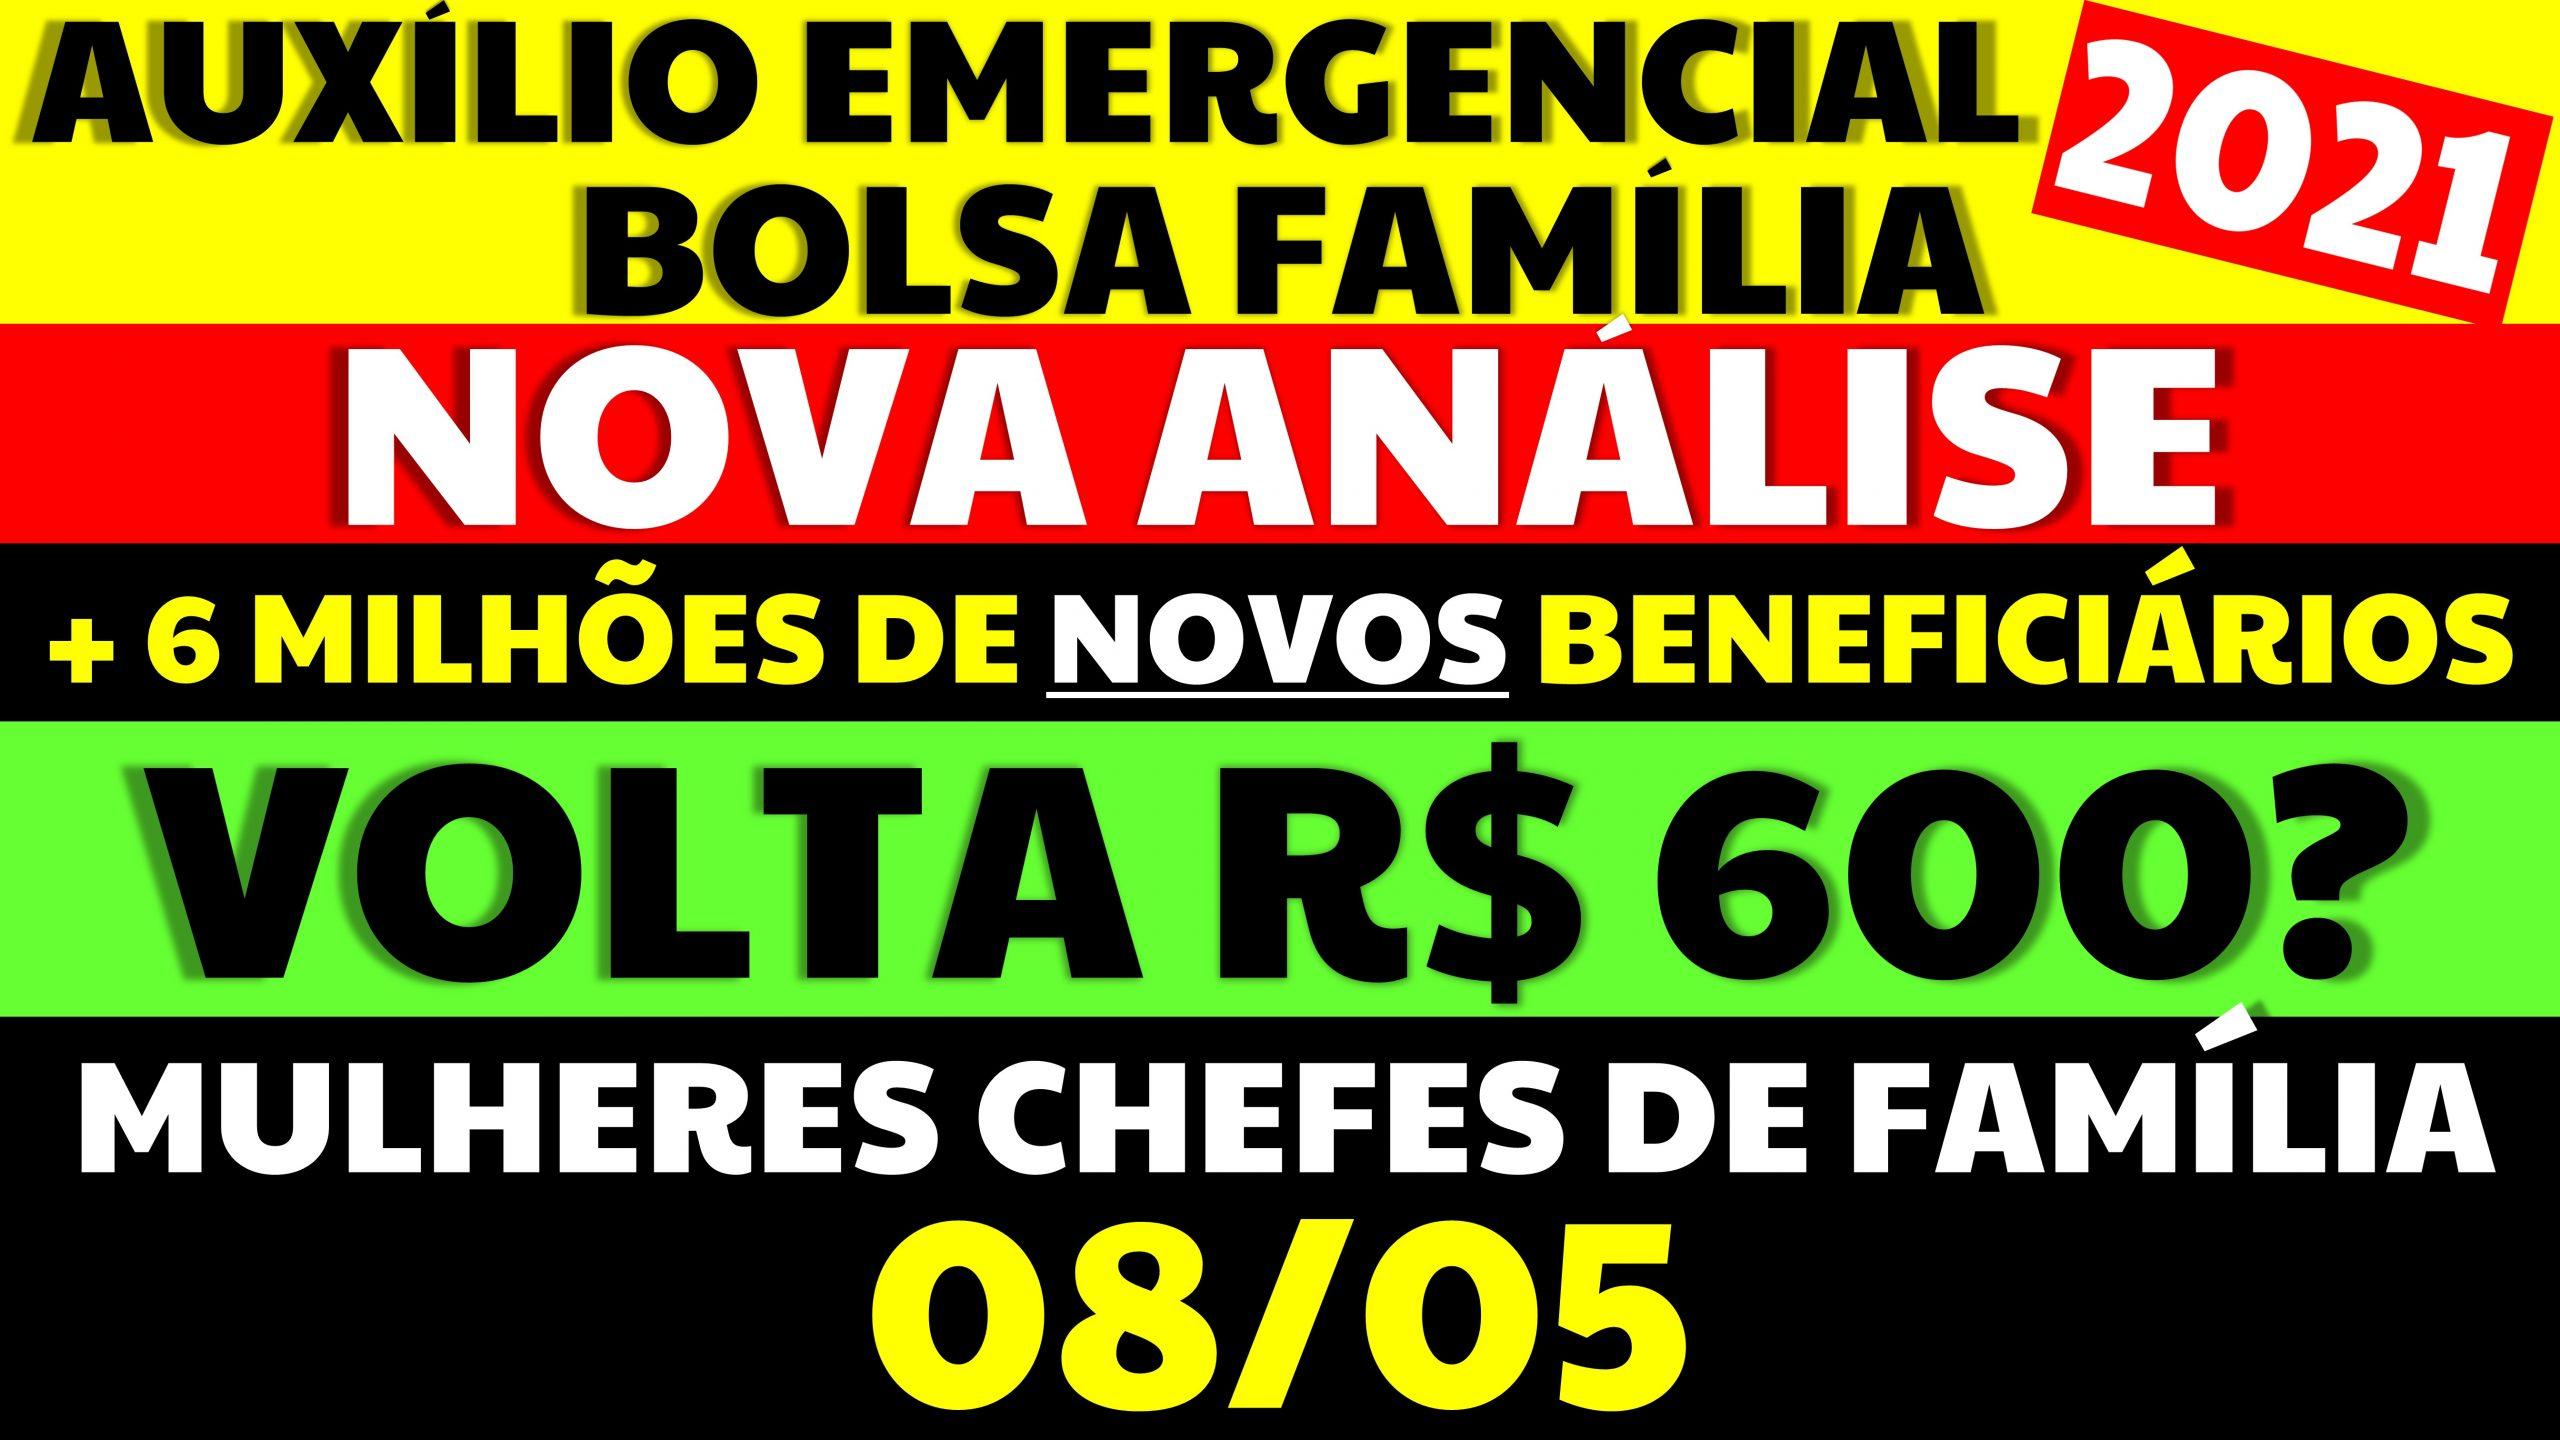 Auxílio Emergencial Hoje: NOVAS INFORMAÇÕES SOBRE AUXÍLIO R$600 NOVA ANÁLISE E MÃES CHEFES DE FAMÍLIA